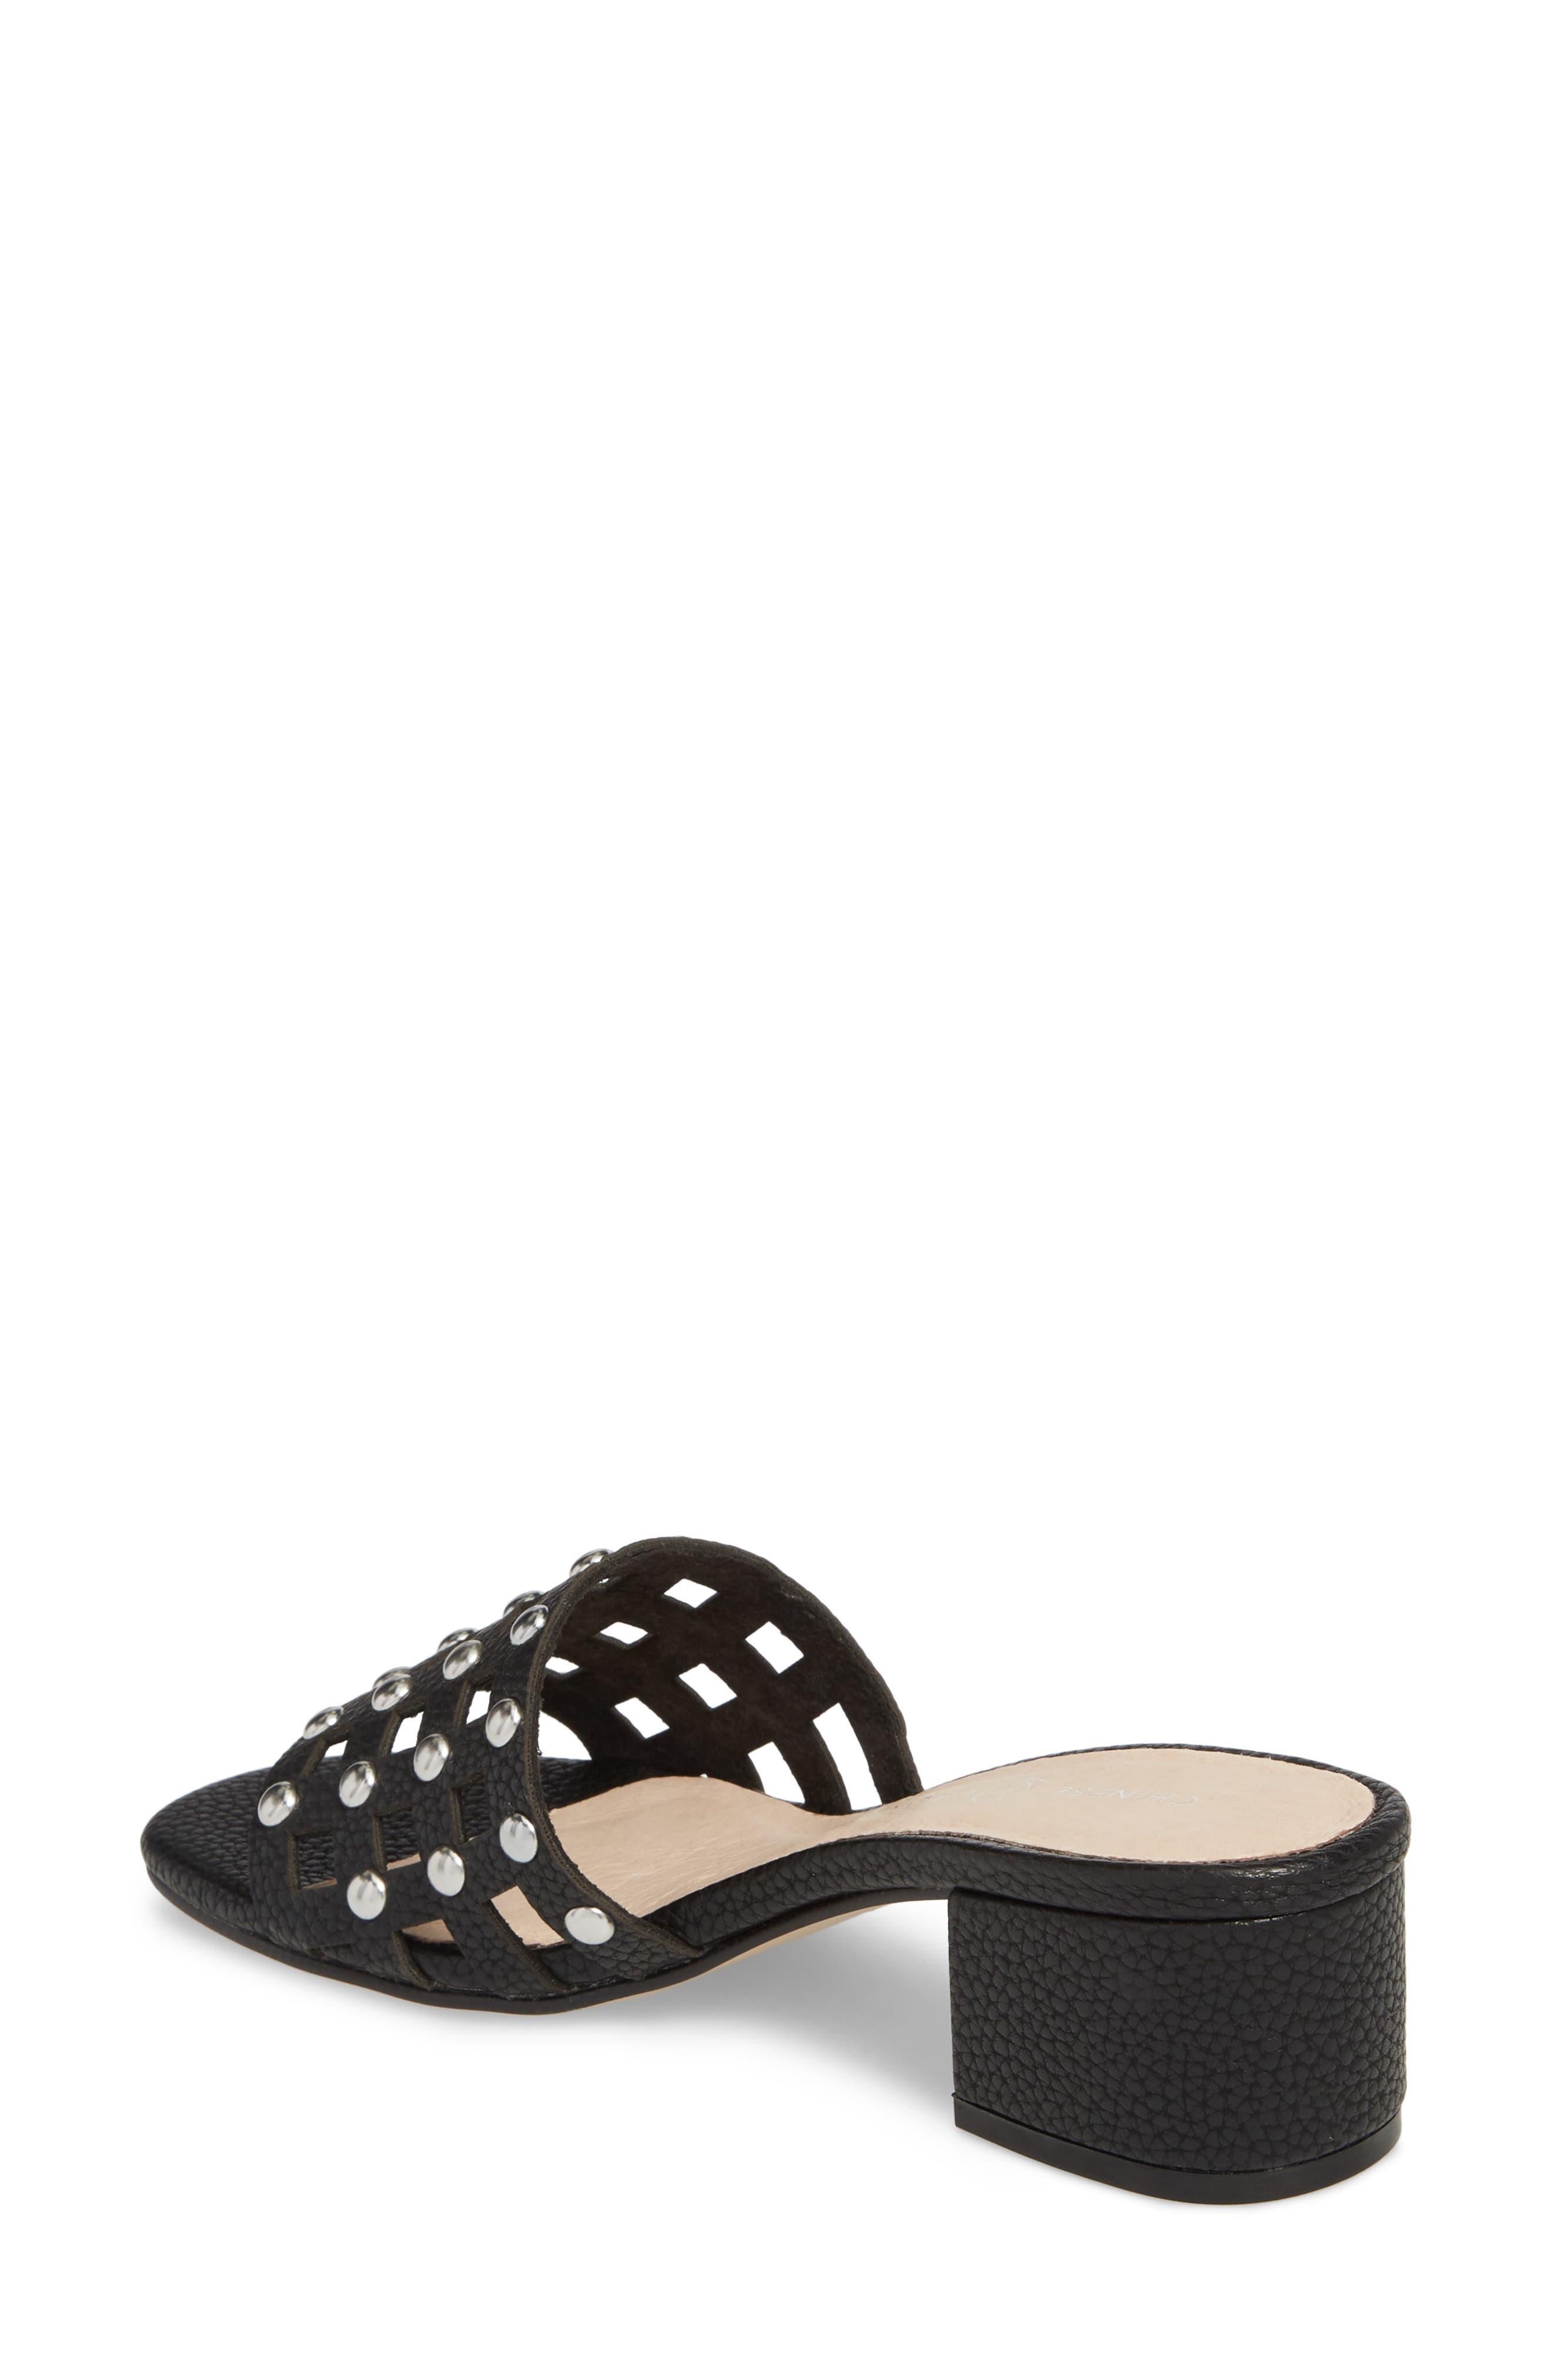 Megs Slide Sandal,                             Alternate thumbnail 2, color,                             BLACK